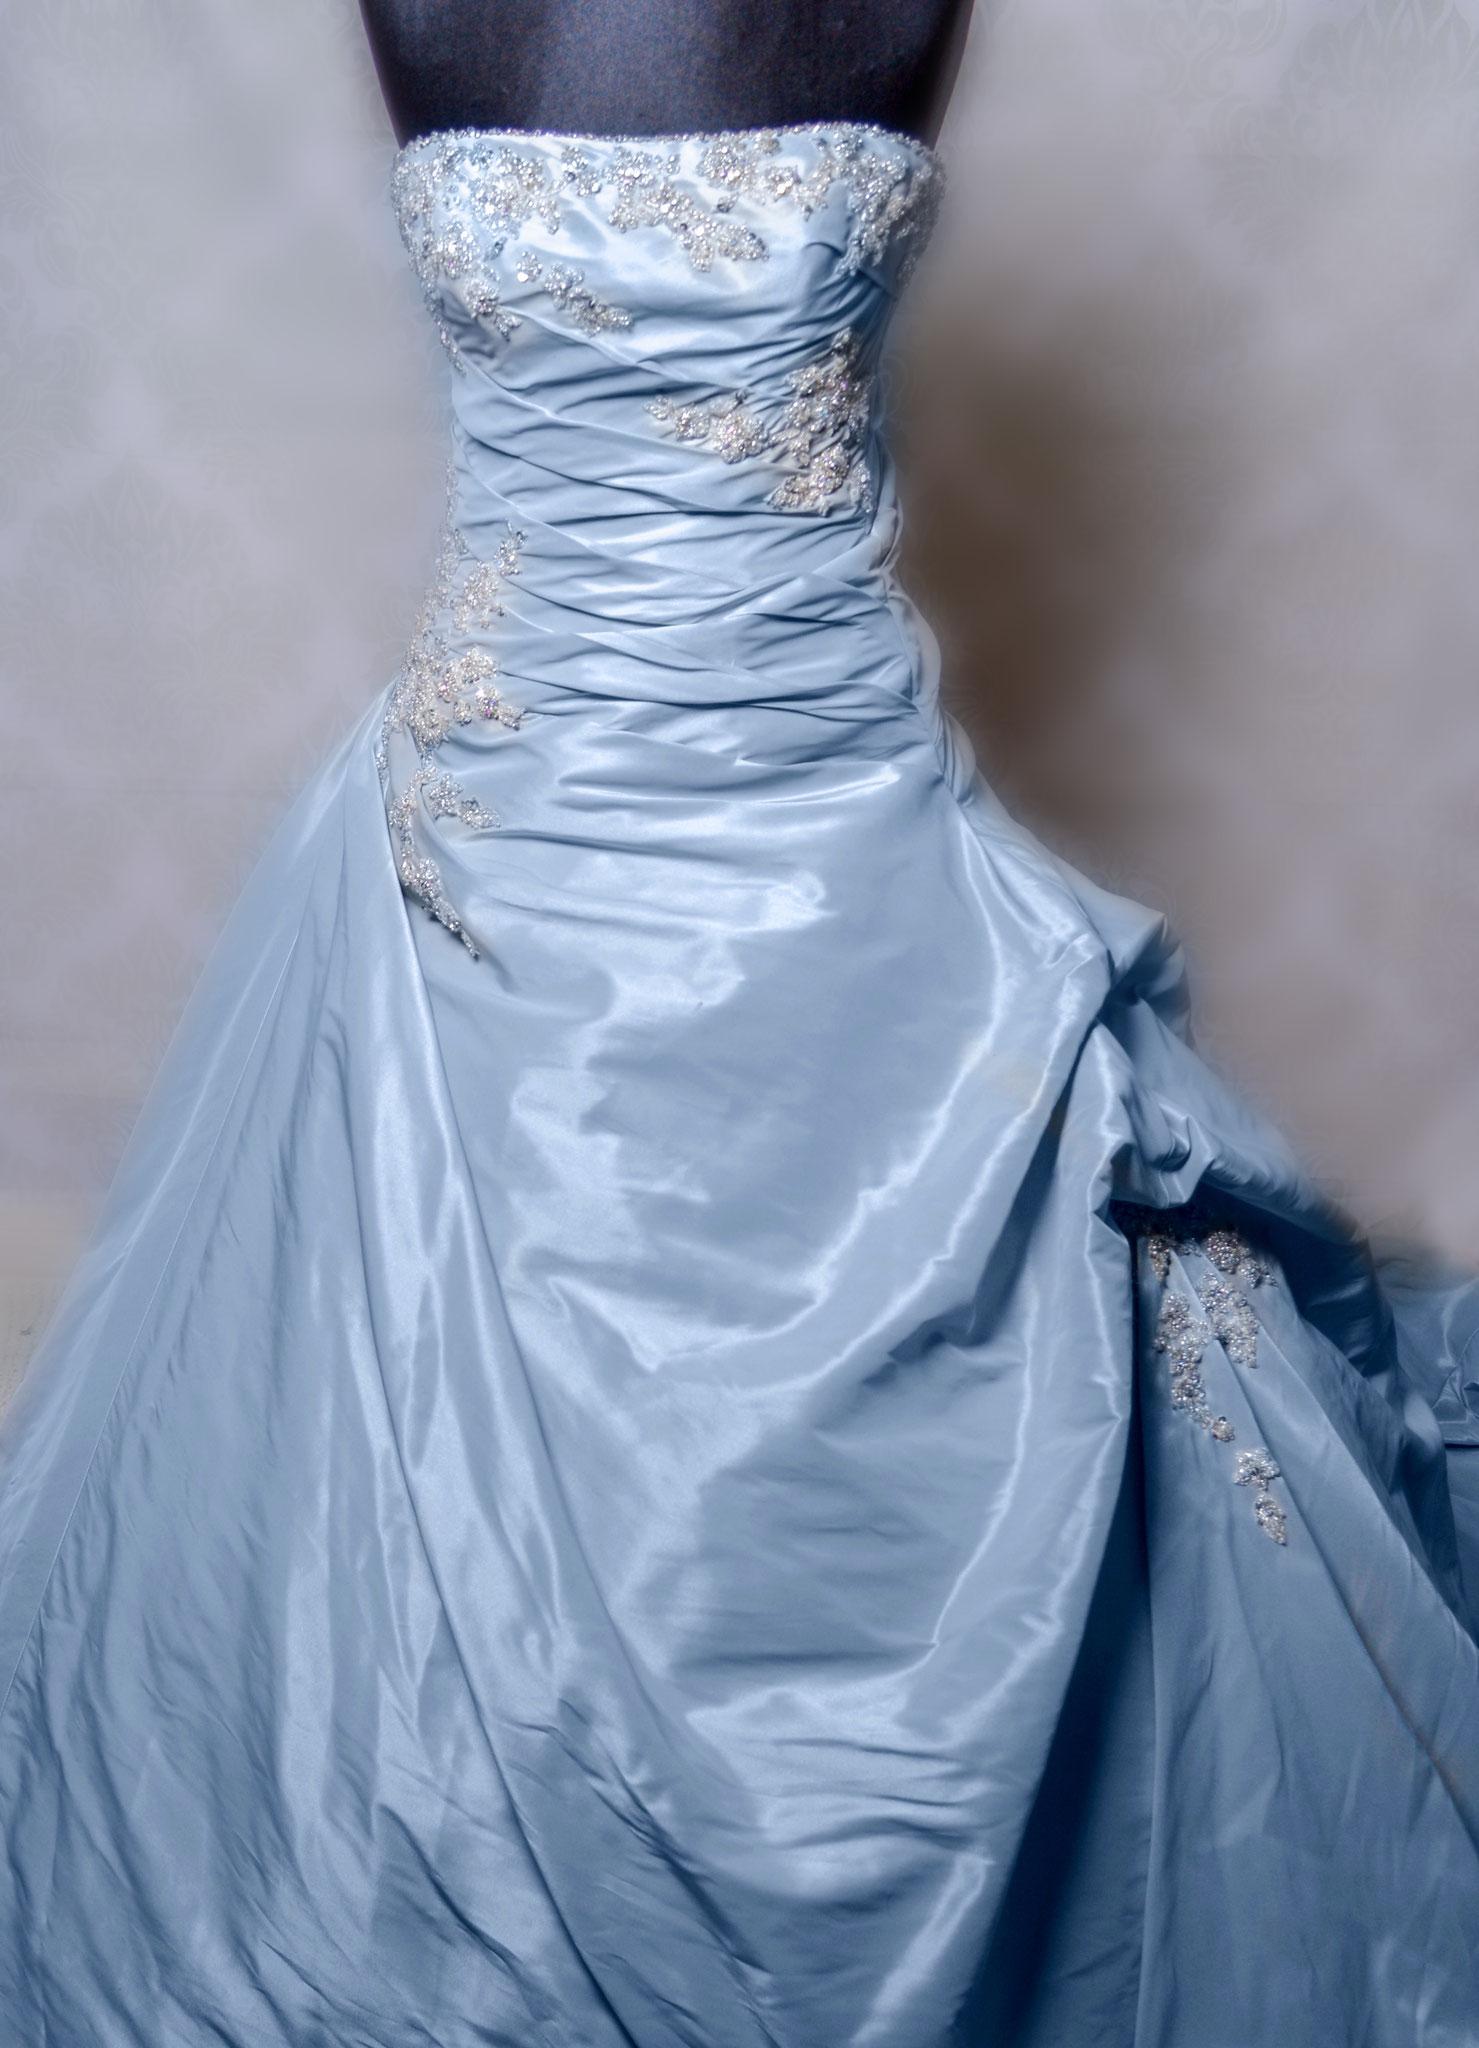 Nr. 2Traumhaftes Kleid mit Swarowski Steinen von einem Italienischen Designer in Eisblau zum Schnüren (lange Schleppe) Gr. 38-40